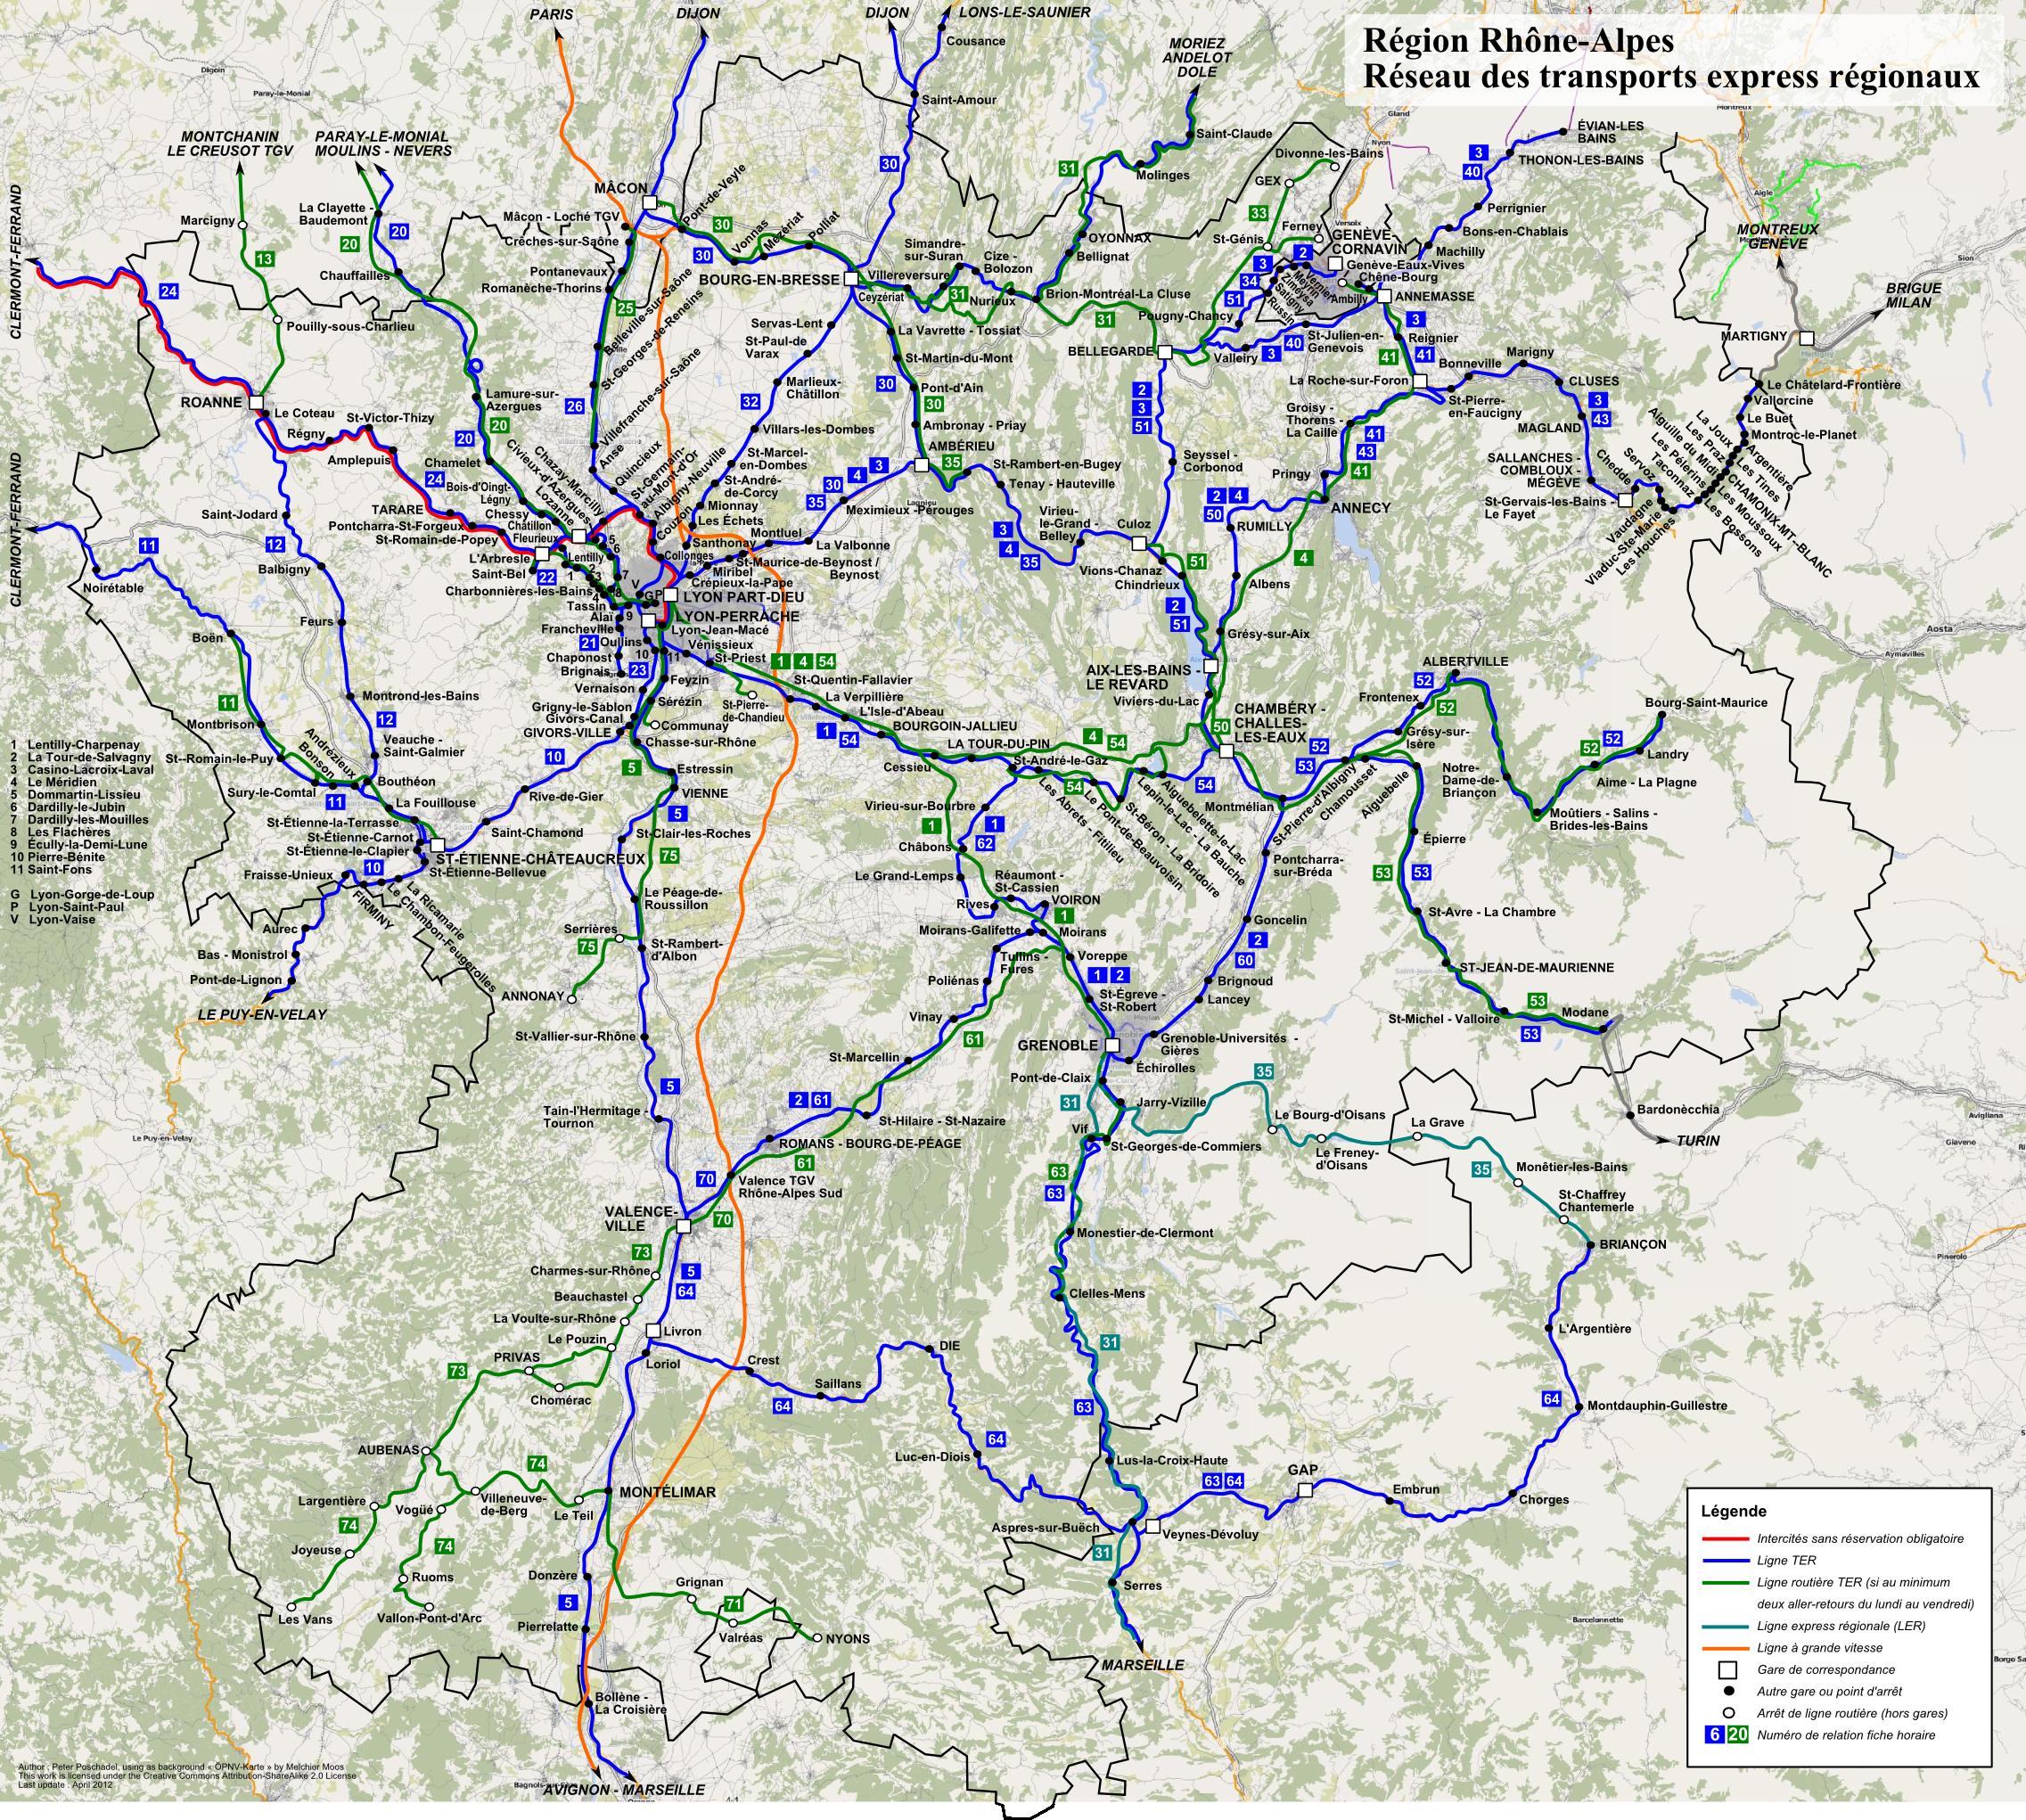 ter rhone alpes carte File:TER Rhône Alpes, carte du réseau.png   Wikimedia Commons